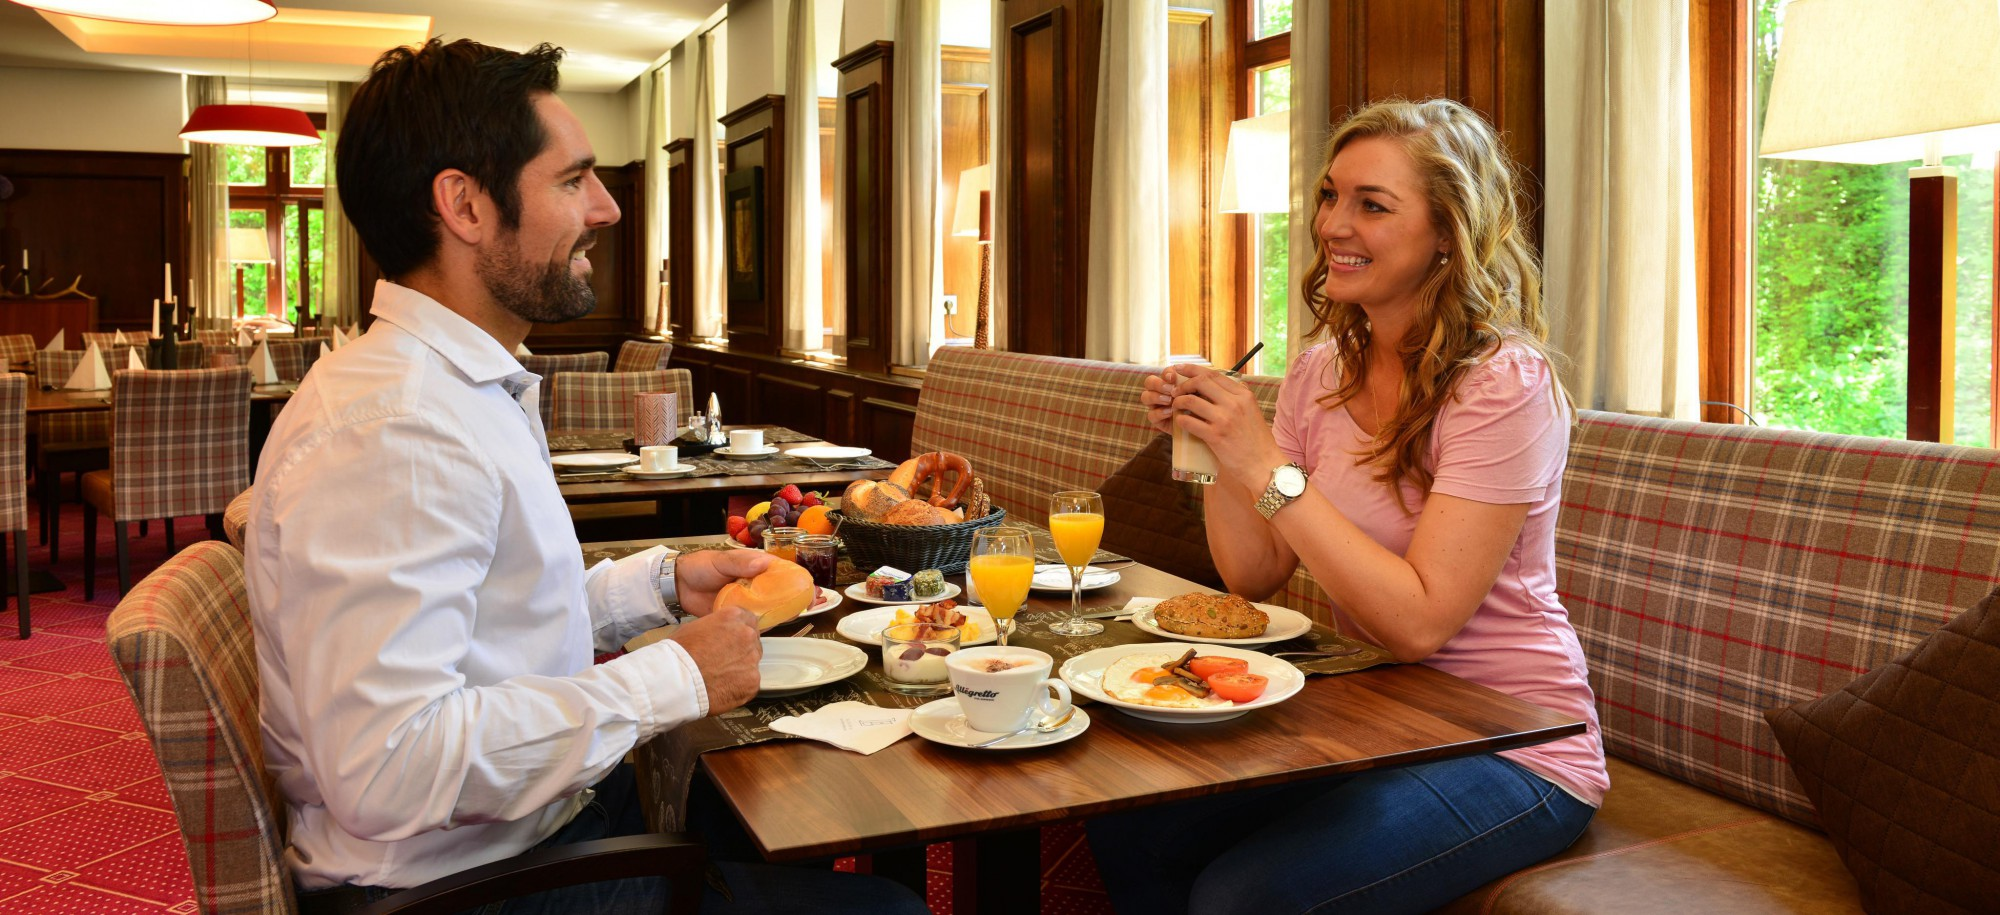 Gesundes Frühstücksbuffet im Hotel Restaurant Giengen